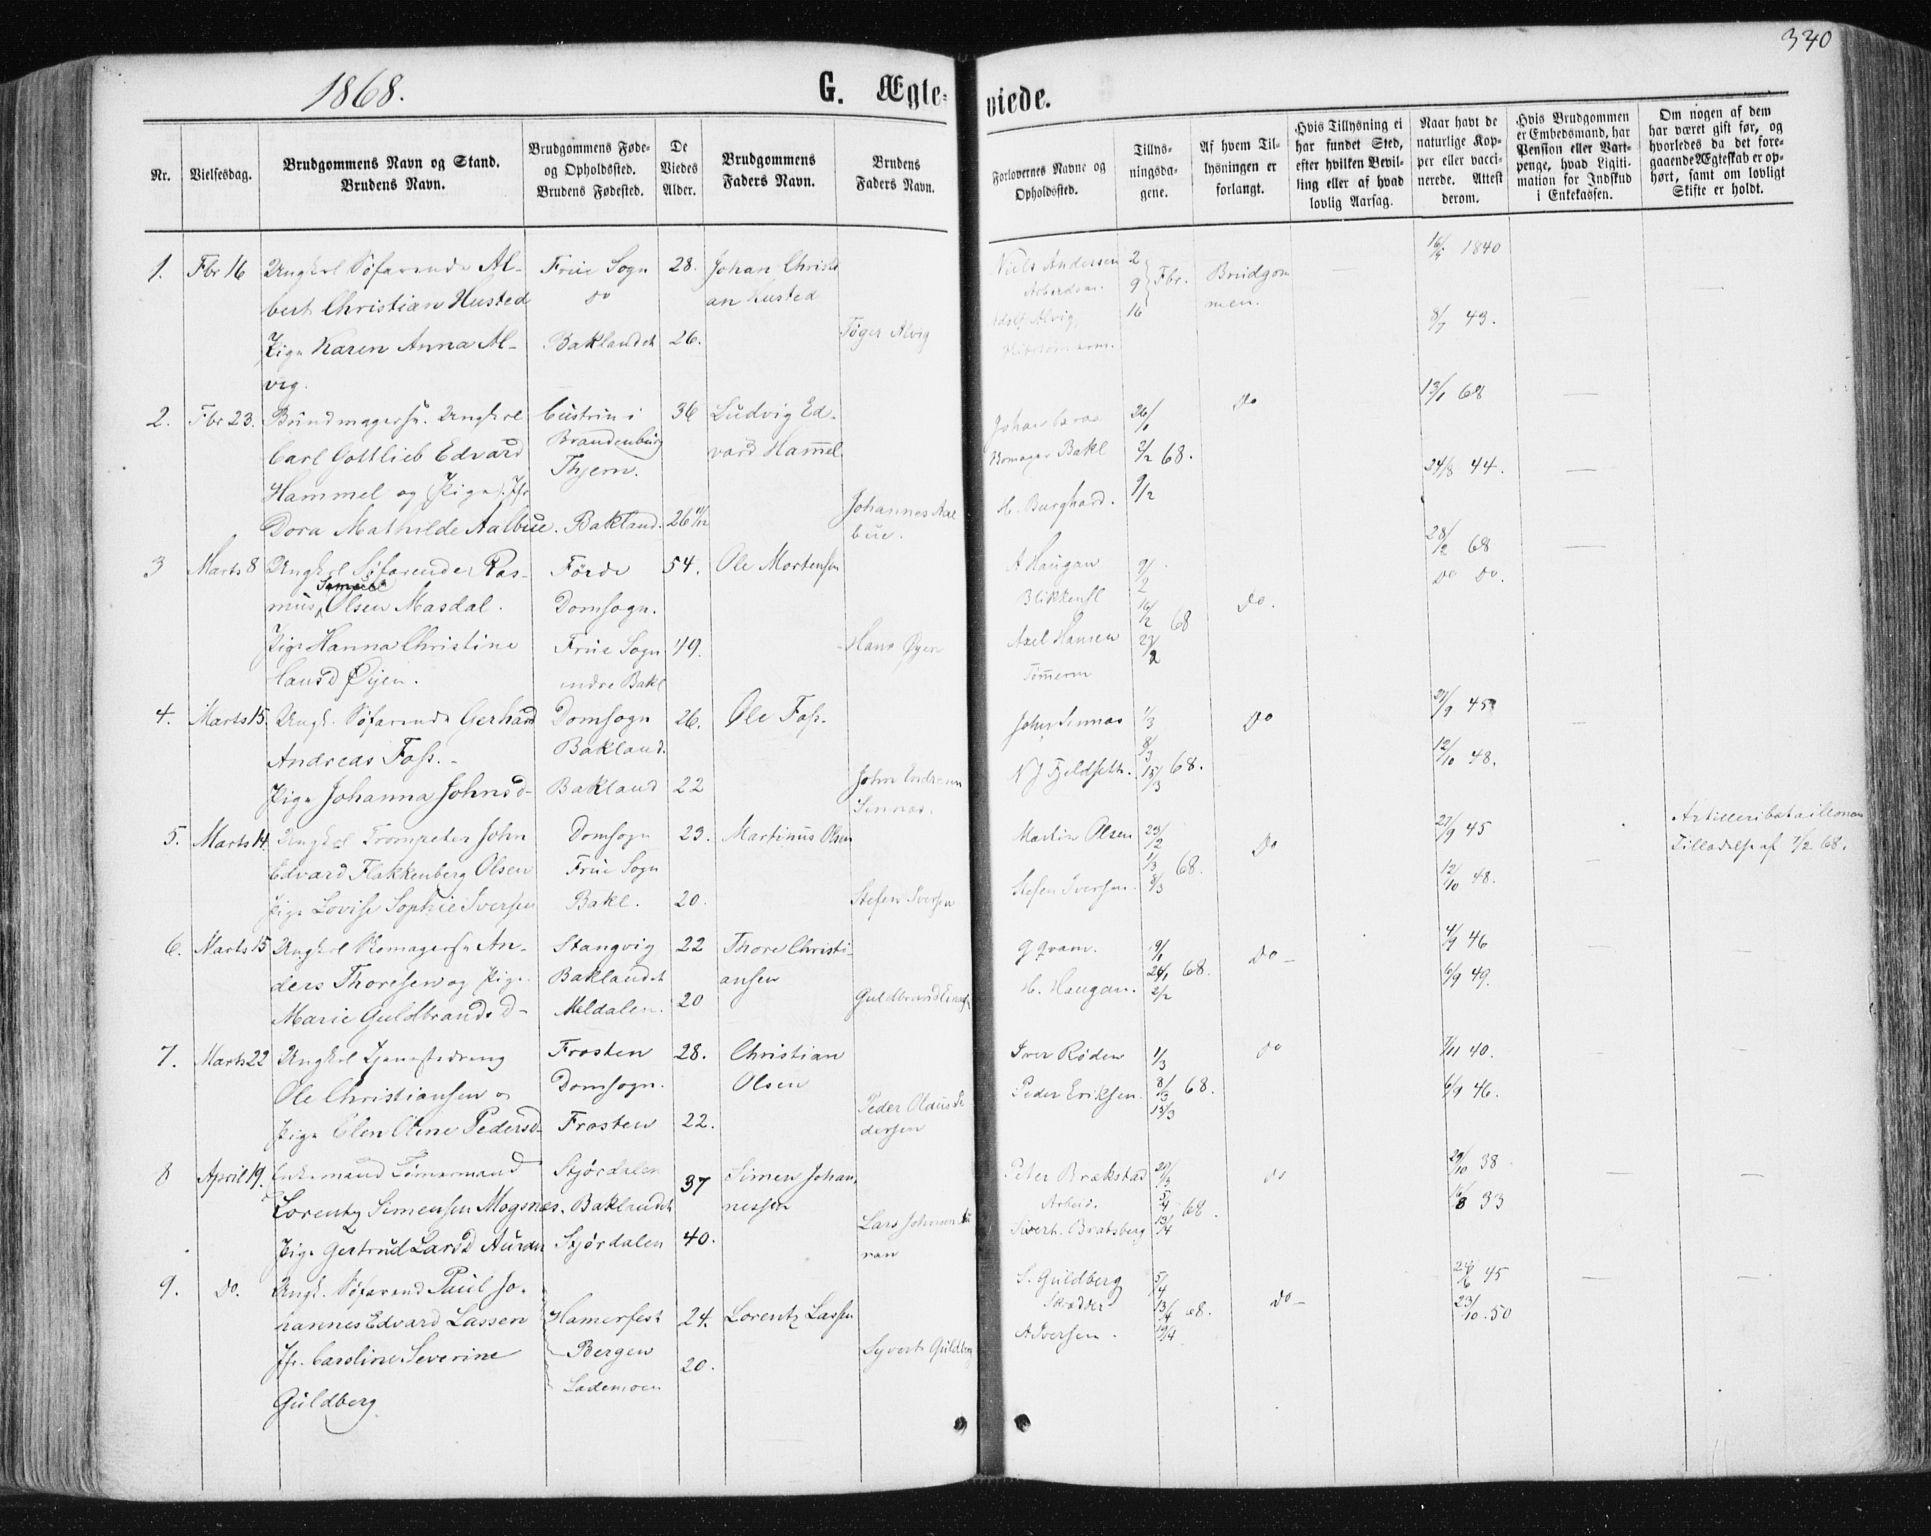 SAT, Ministerialprotokoller, klokkerbøker og fødselsregistre - Sør-Trøndelag, 604/L0186: Ministerialbok nr. 604A07, 1866-1877, s. 340